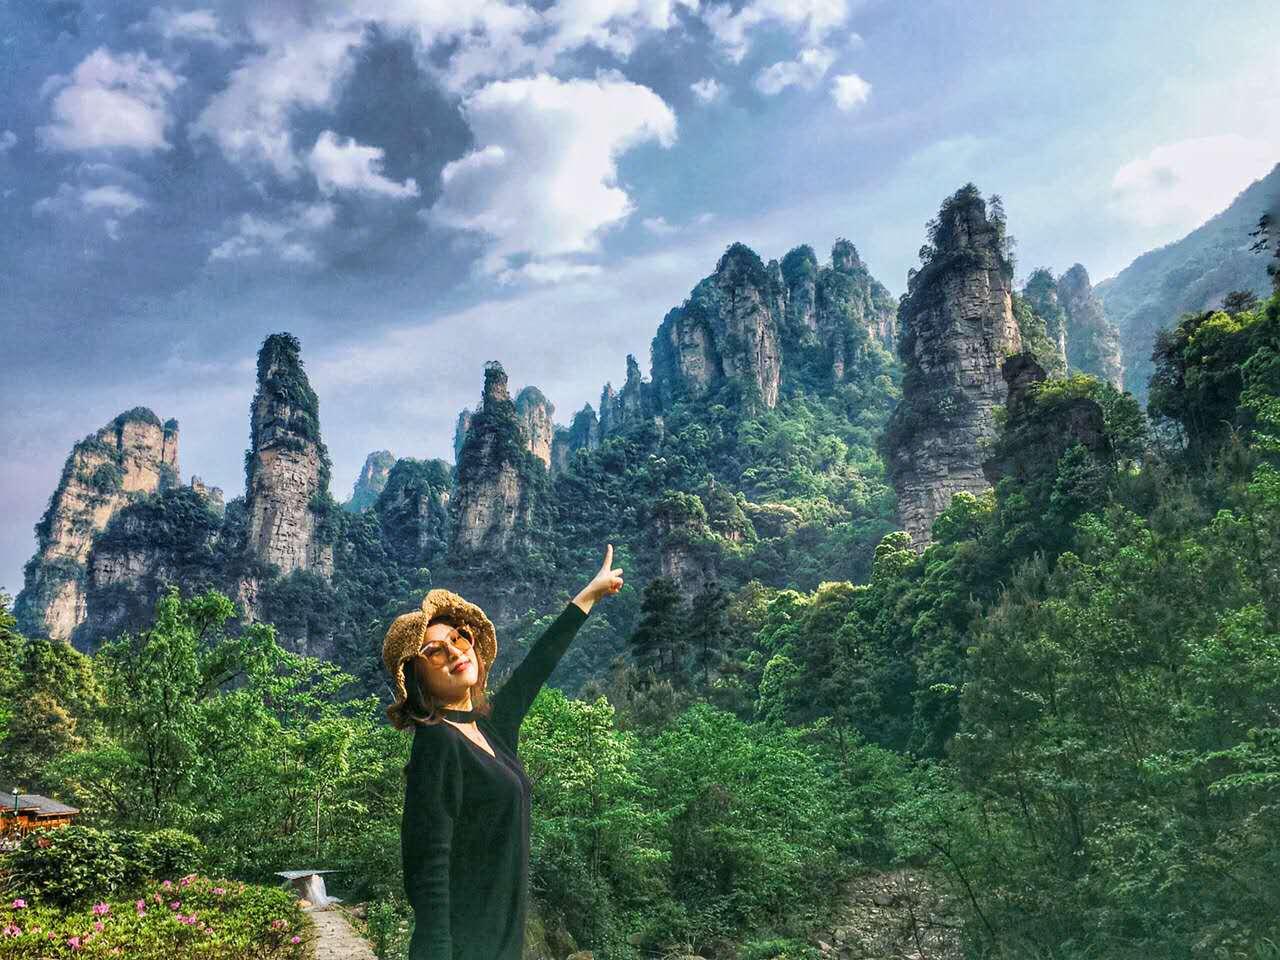 高品质张家界跟团游_去张旅游服务凤凰古城-张家界旅游